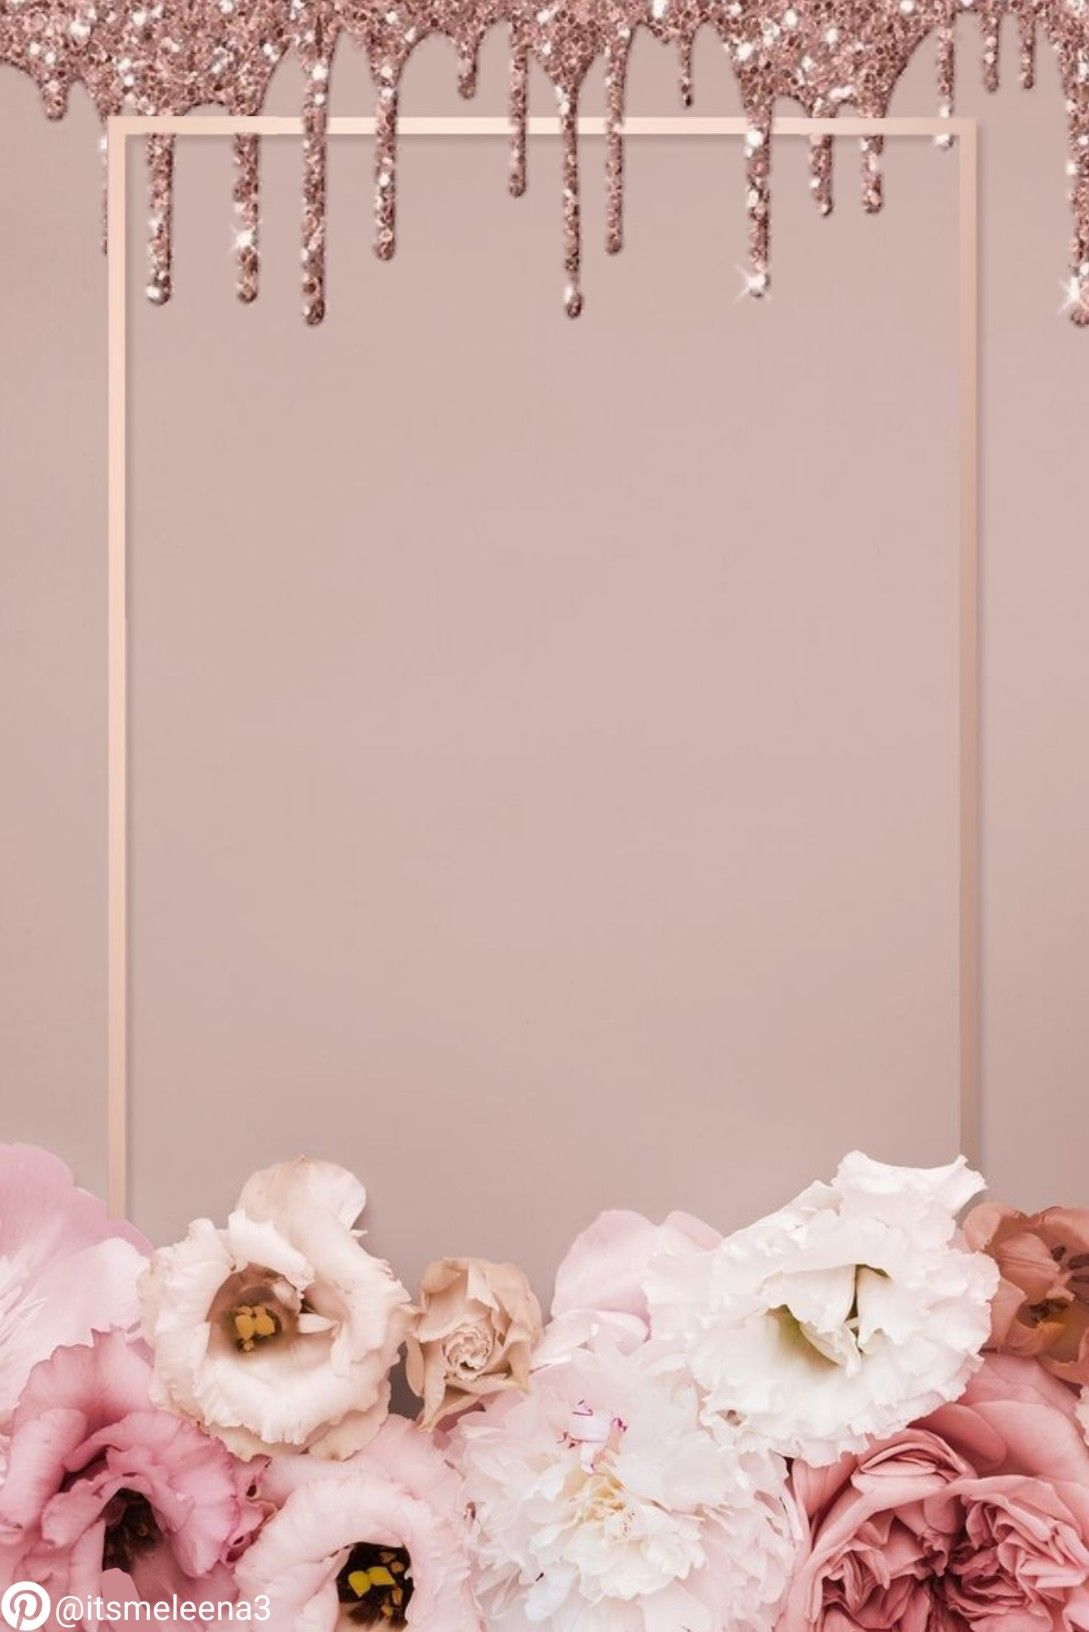 اطار اطارات ثيم ثيمات خلفية خلفيات زهري وردي لامع برونزي زهور بطاقة بطاقات مفرغة تصميم تصاميم Flower Frame Pastel Quotes Hijab Wedding Dresses